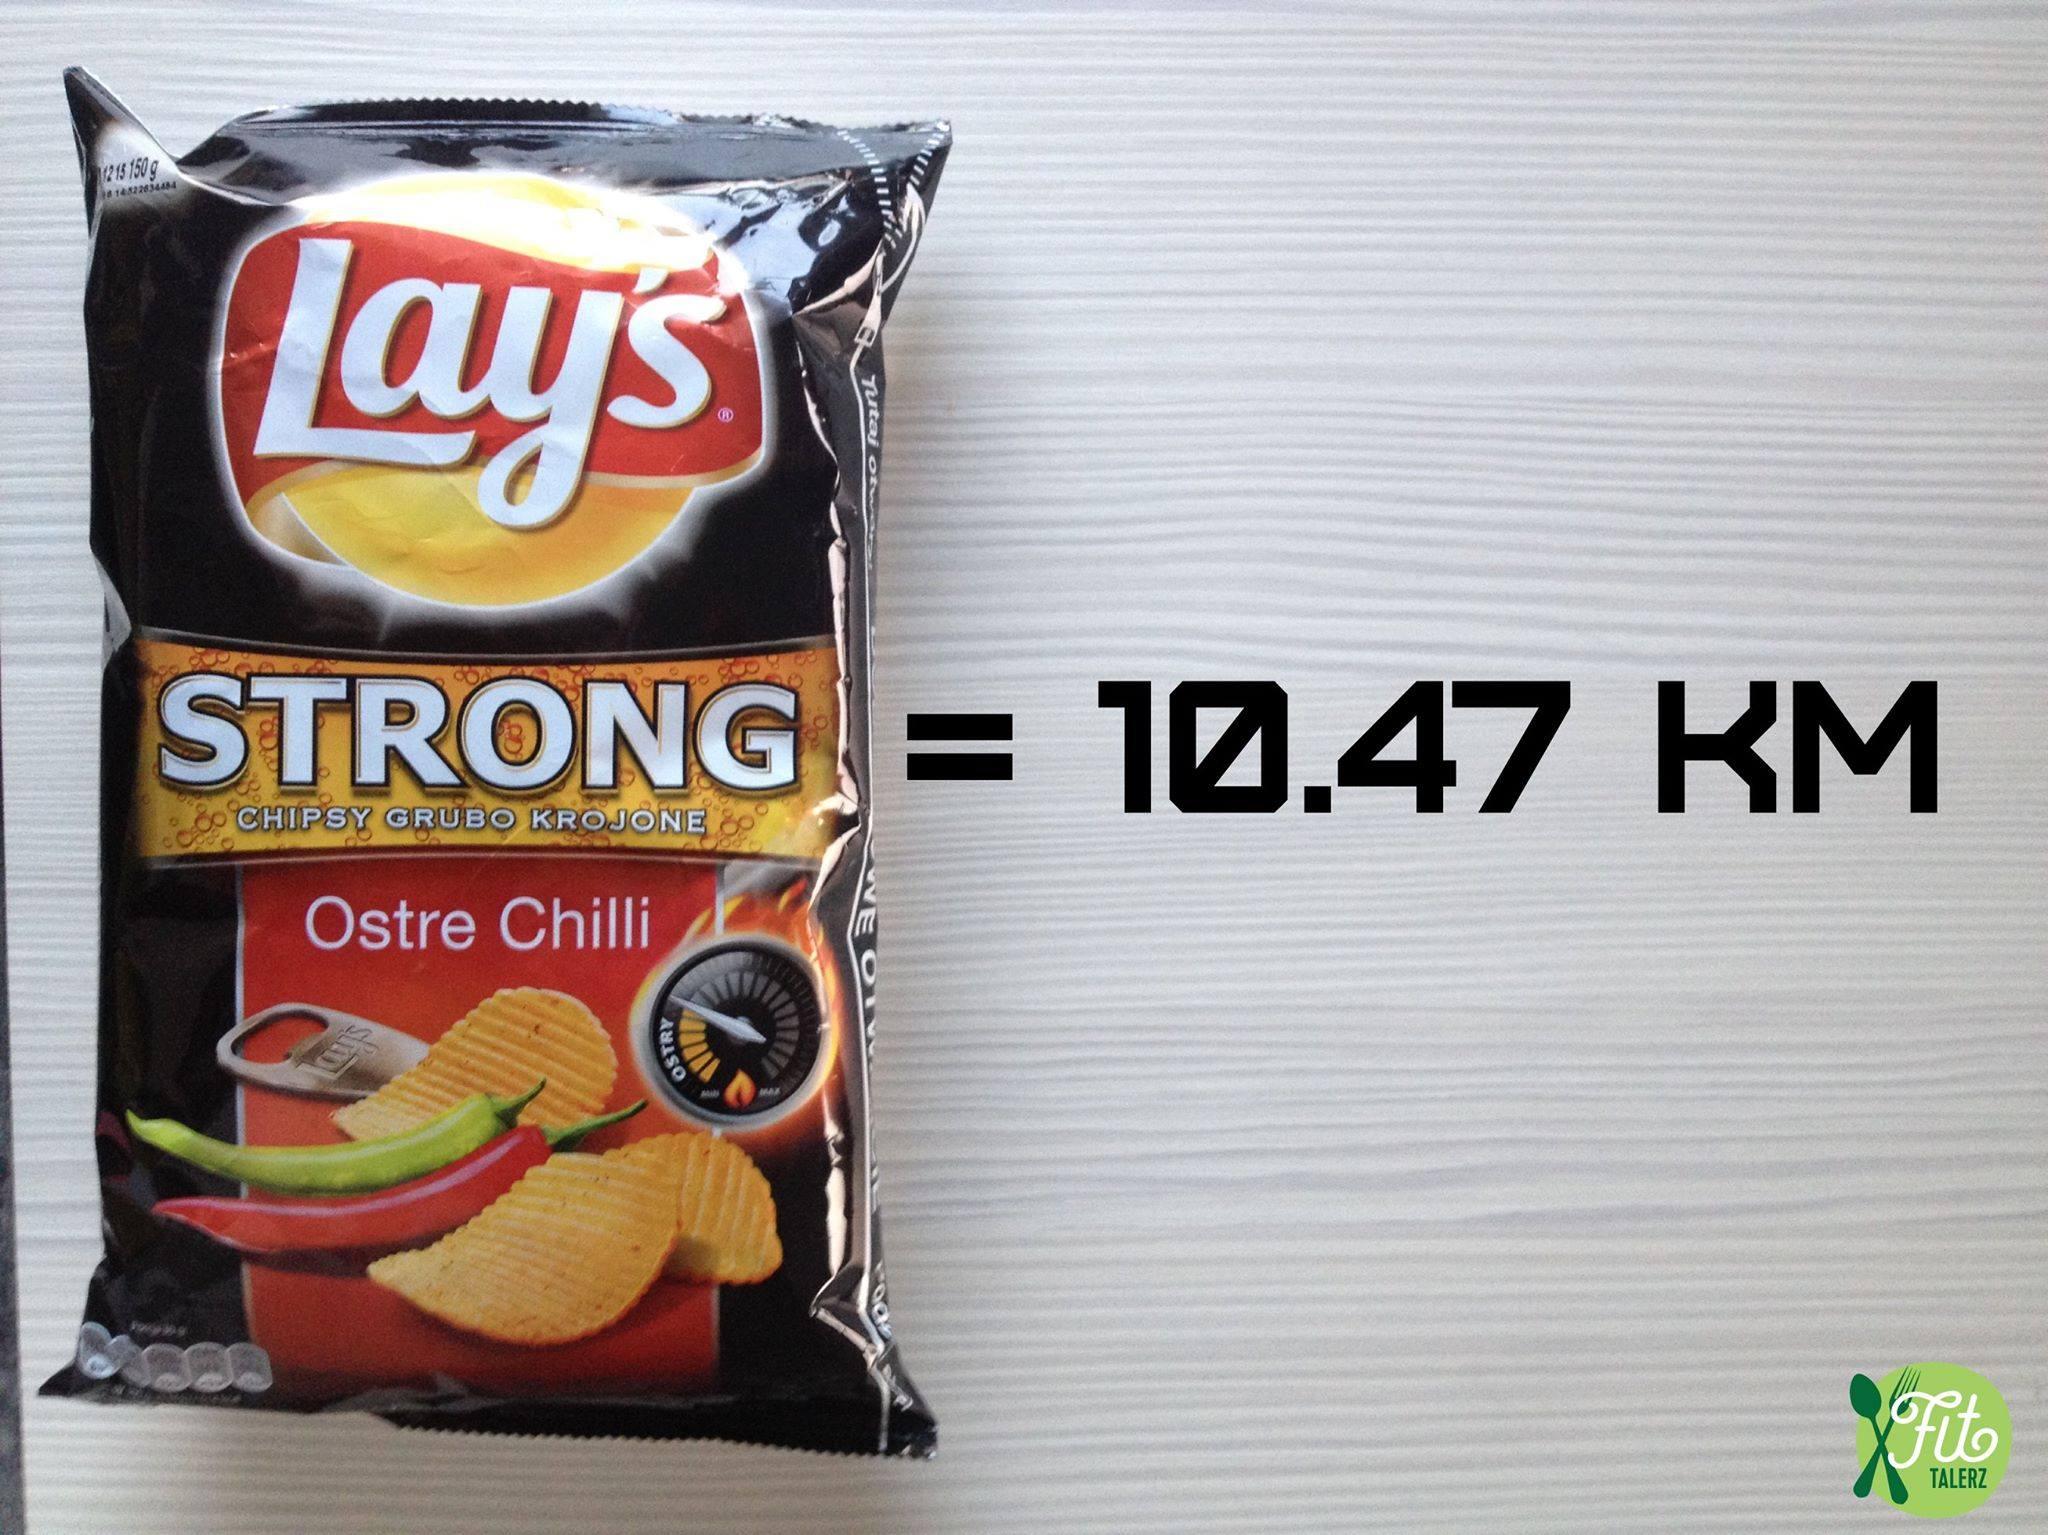 Quantos km voce precisa correr para queimar estes alimentos (6)